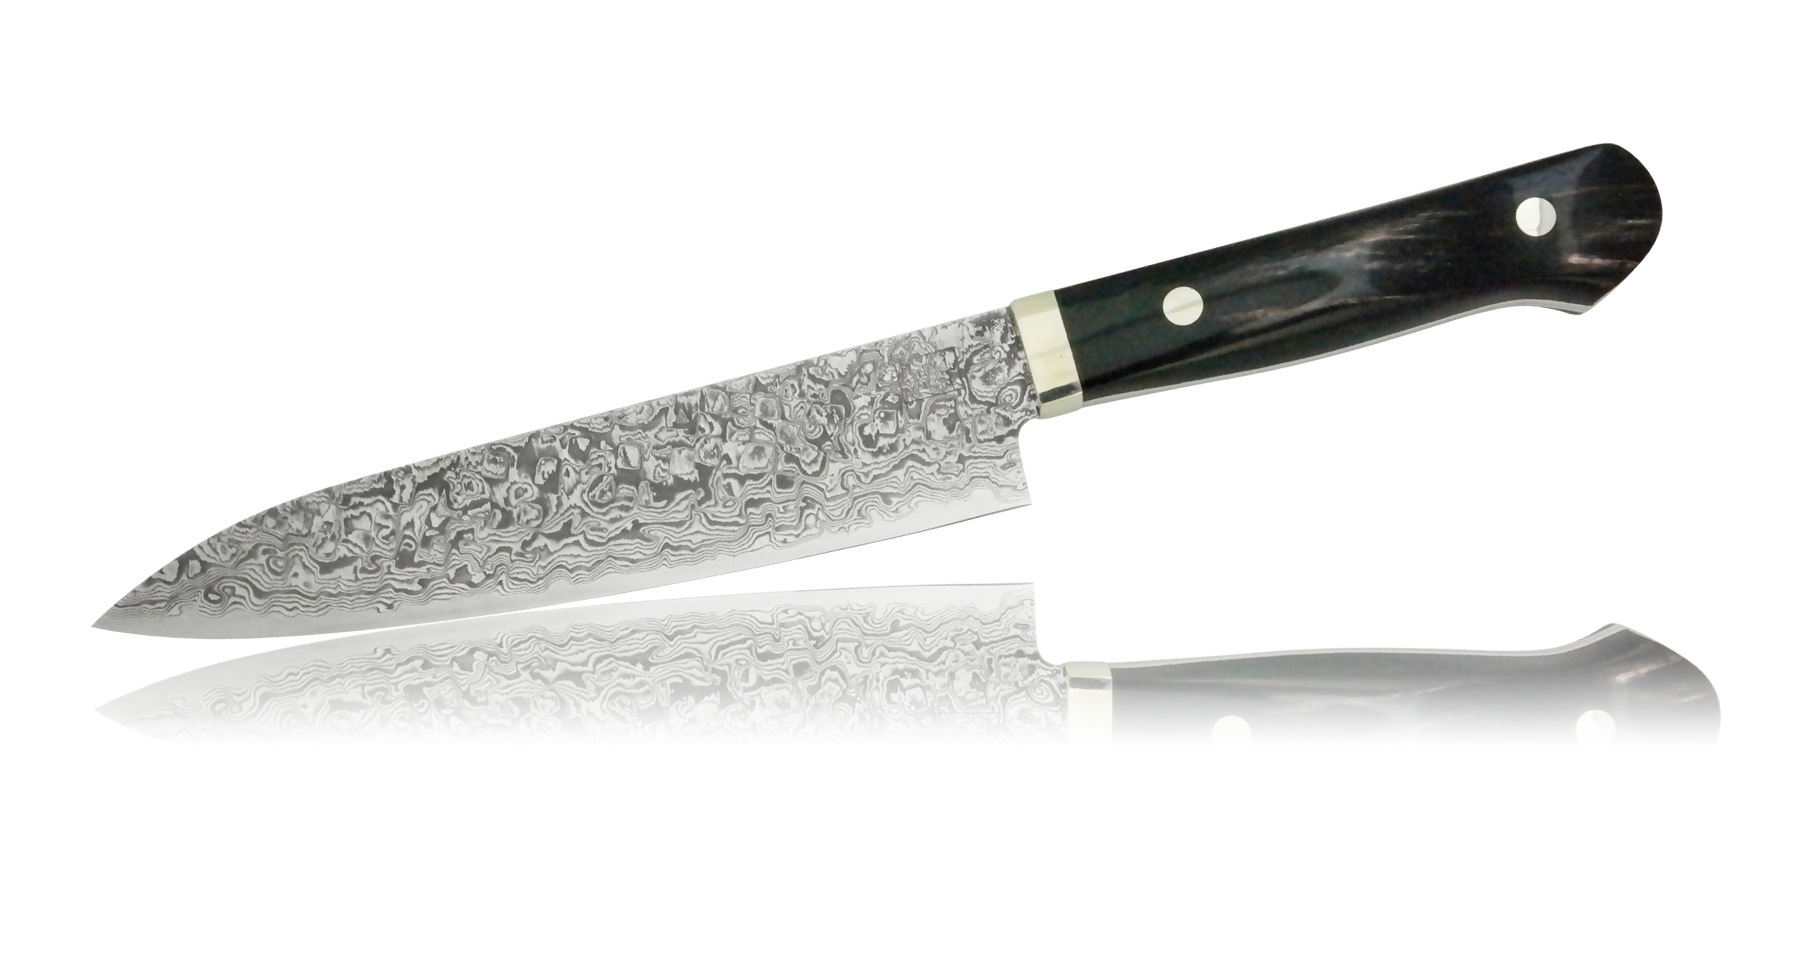 Нож универсальный Hiroo Itou, 150 мм, сталь R-2 в обкладках Damaskus, рукоять железное деревоУниверсальные ножи<br>Нож универсальный Hiroo Itou, 150 мм, сталь R-2 в обкладках Damaskus, рукоять железное дерево<br>